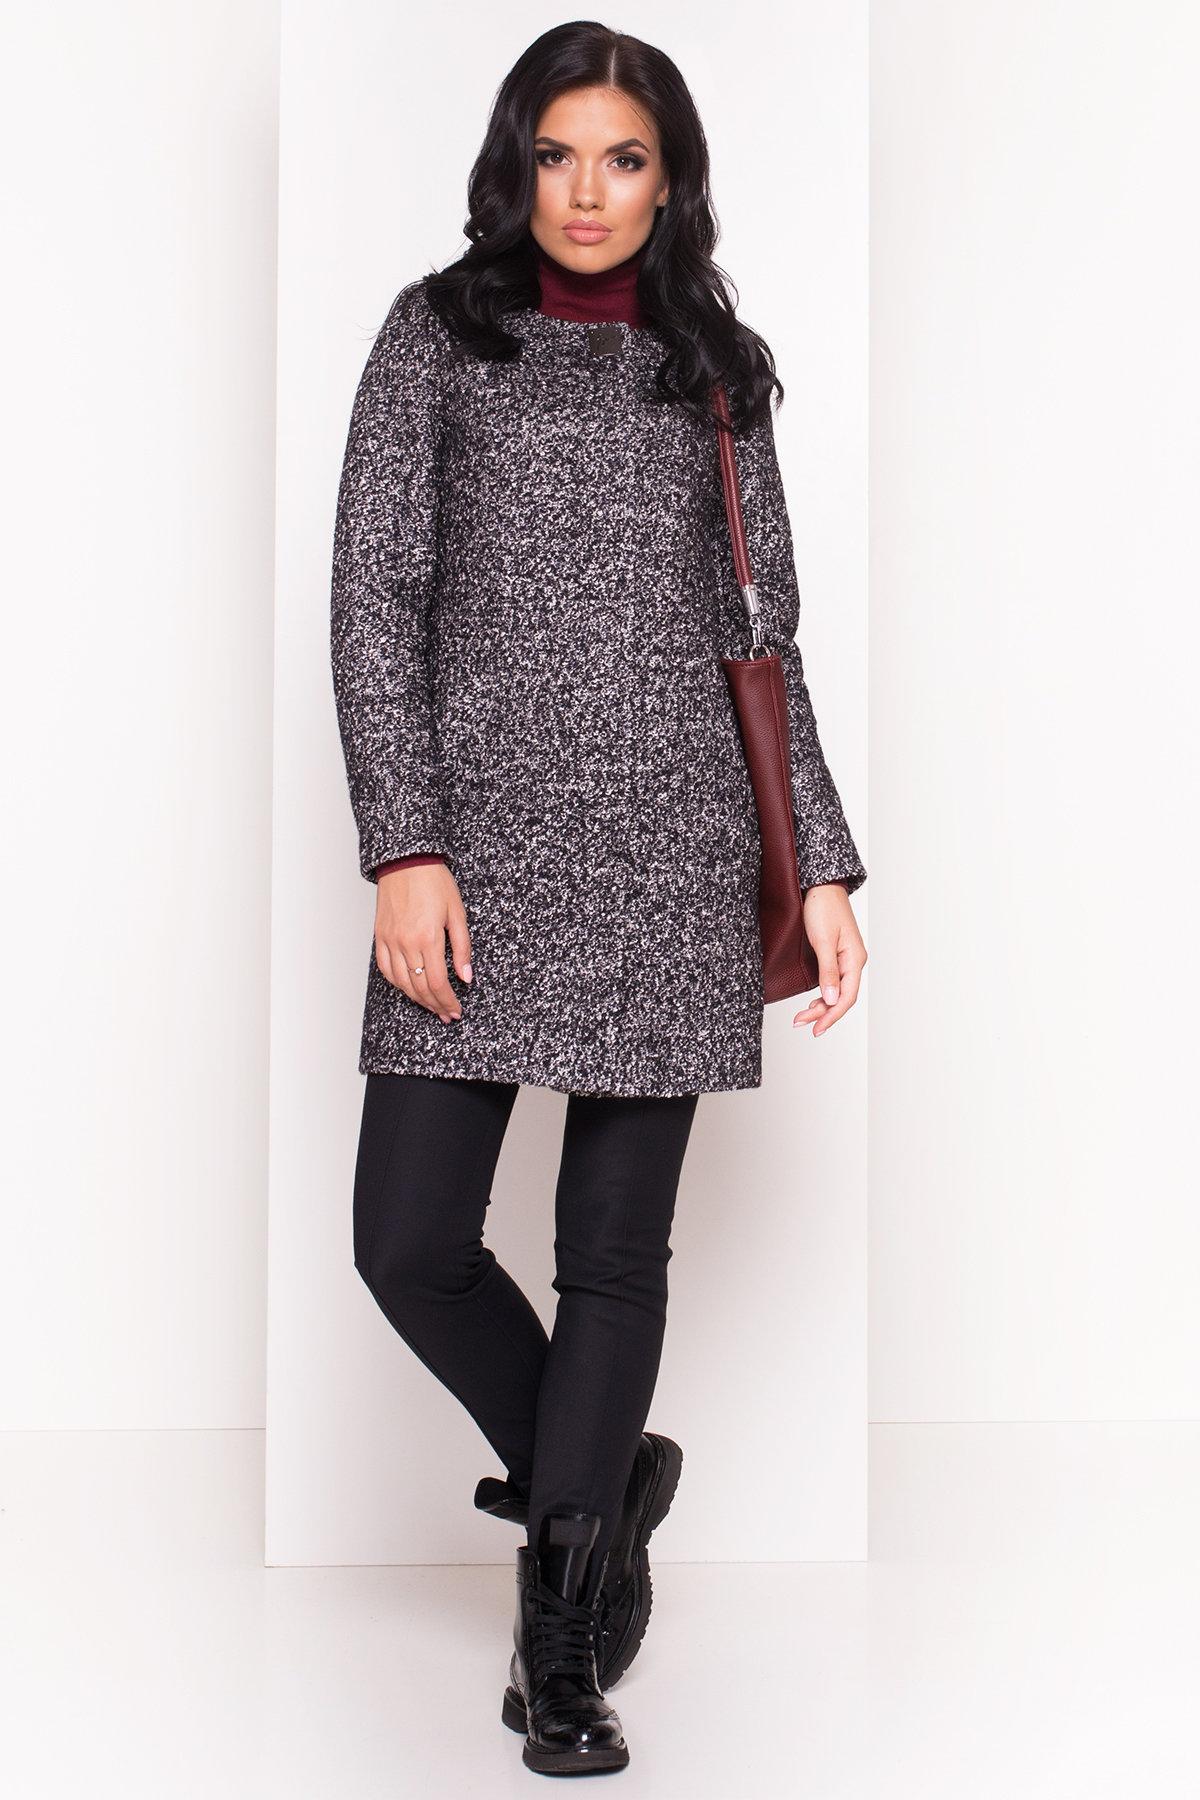 Пальто Фортуна 0904 АРТ. 8184 Цвет: Черный / серый 6 - фото 2, интернет магазин tm-modus.ru